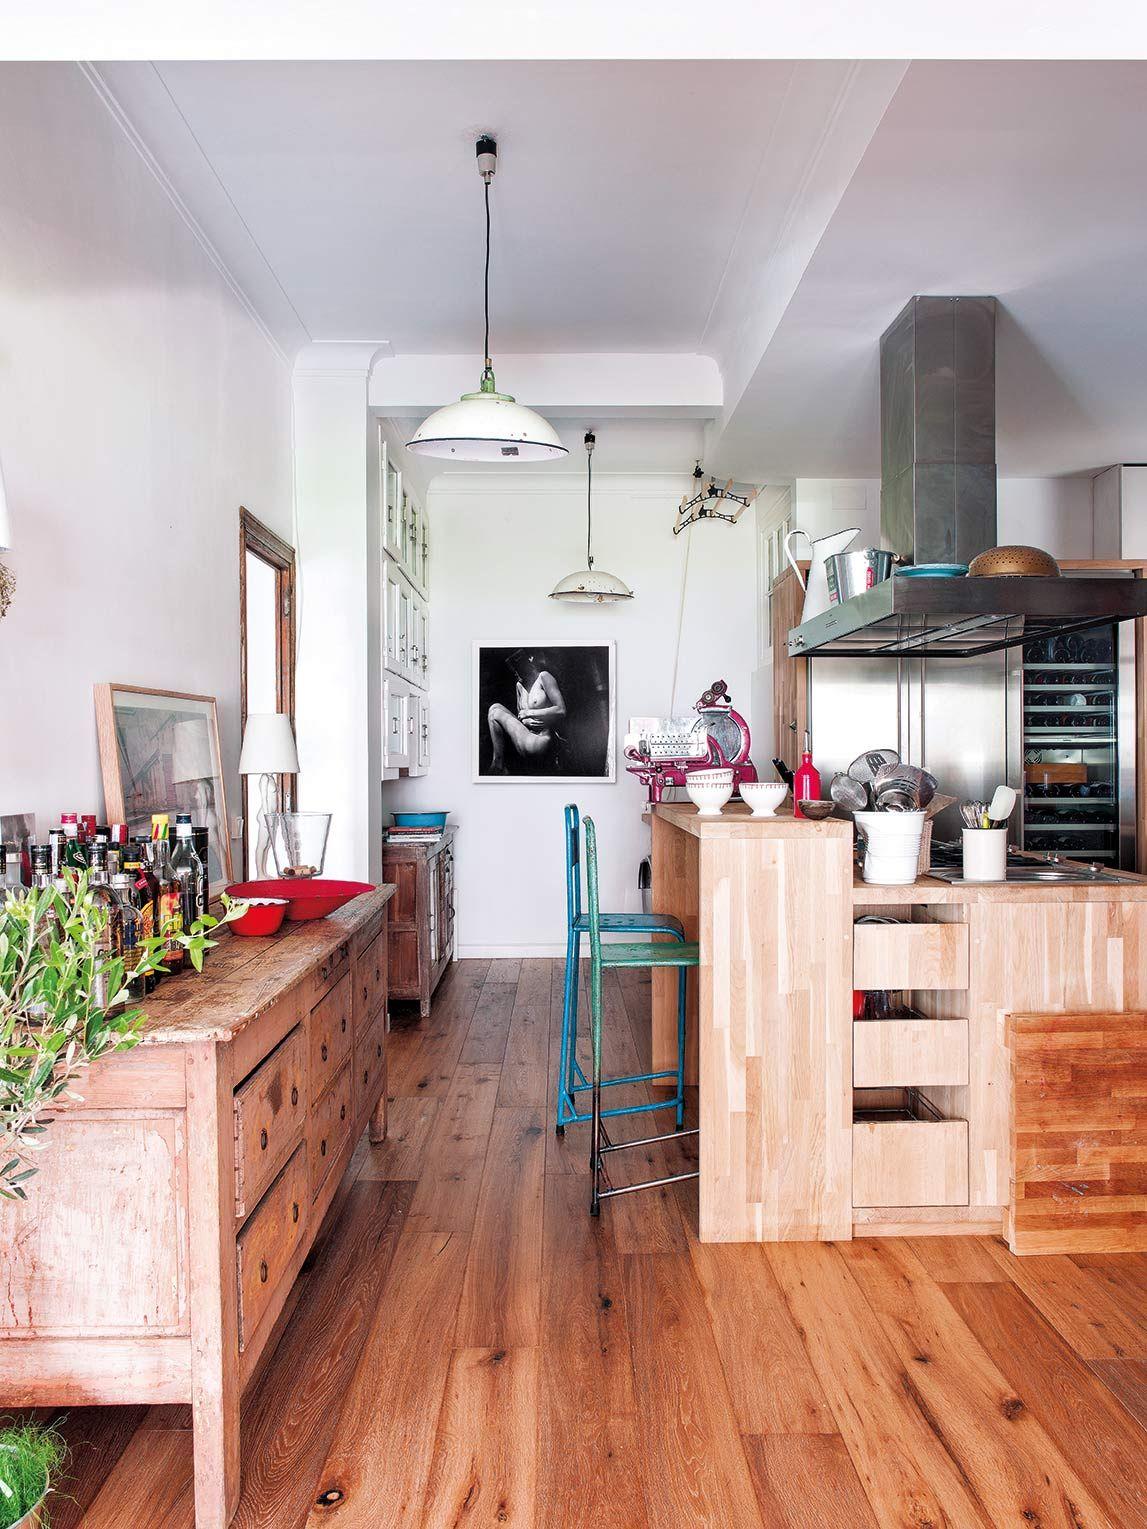 Claves para una cocina actual abierta tecnolgica y